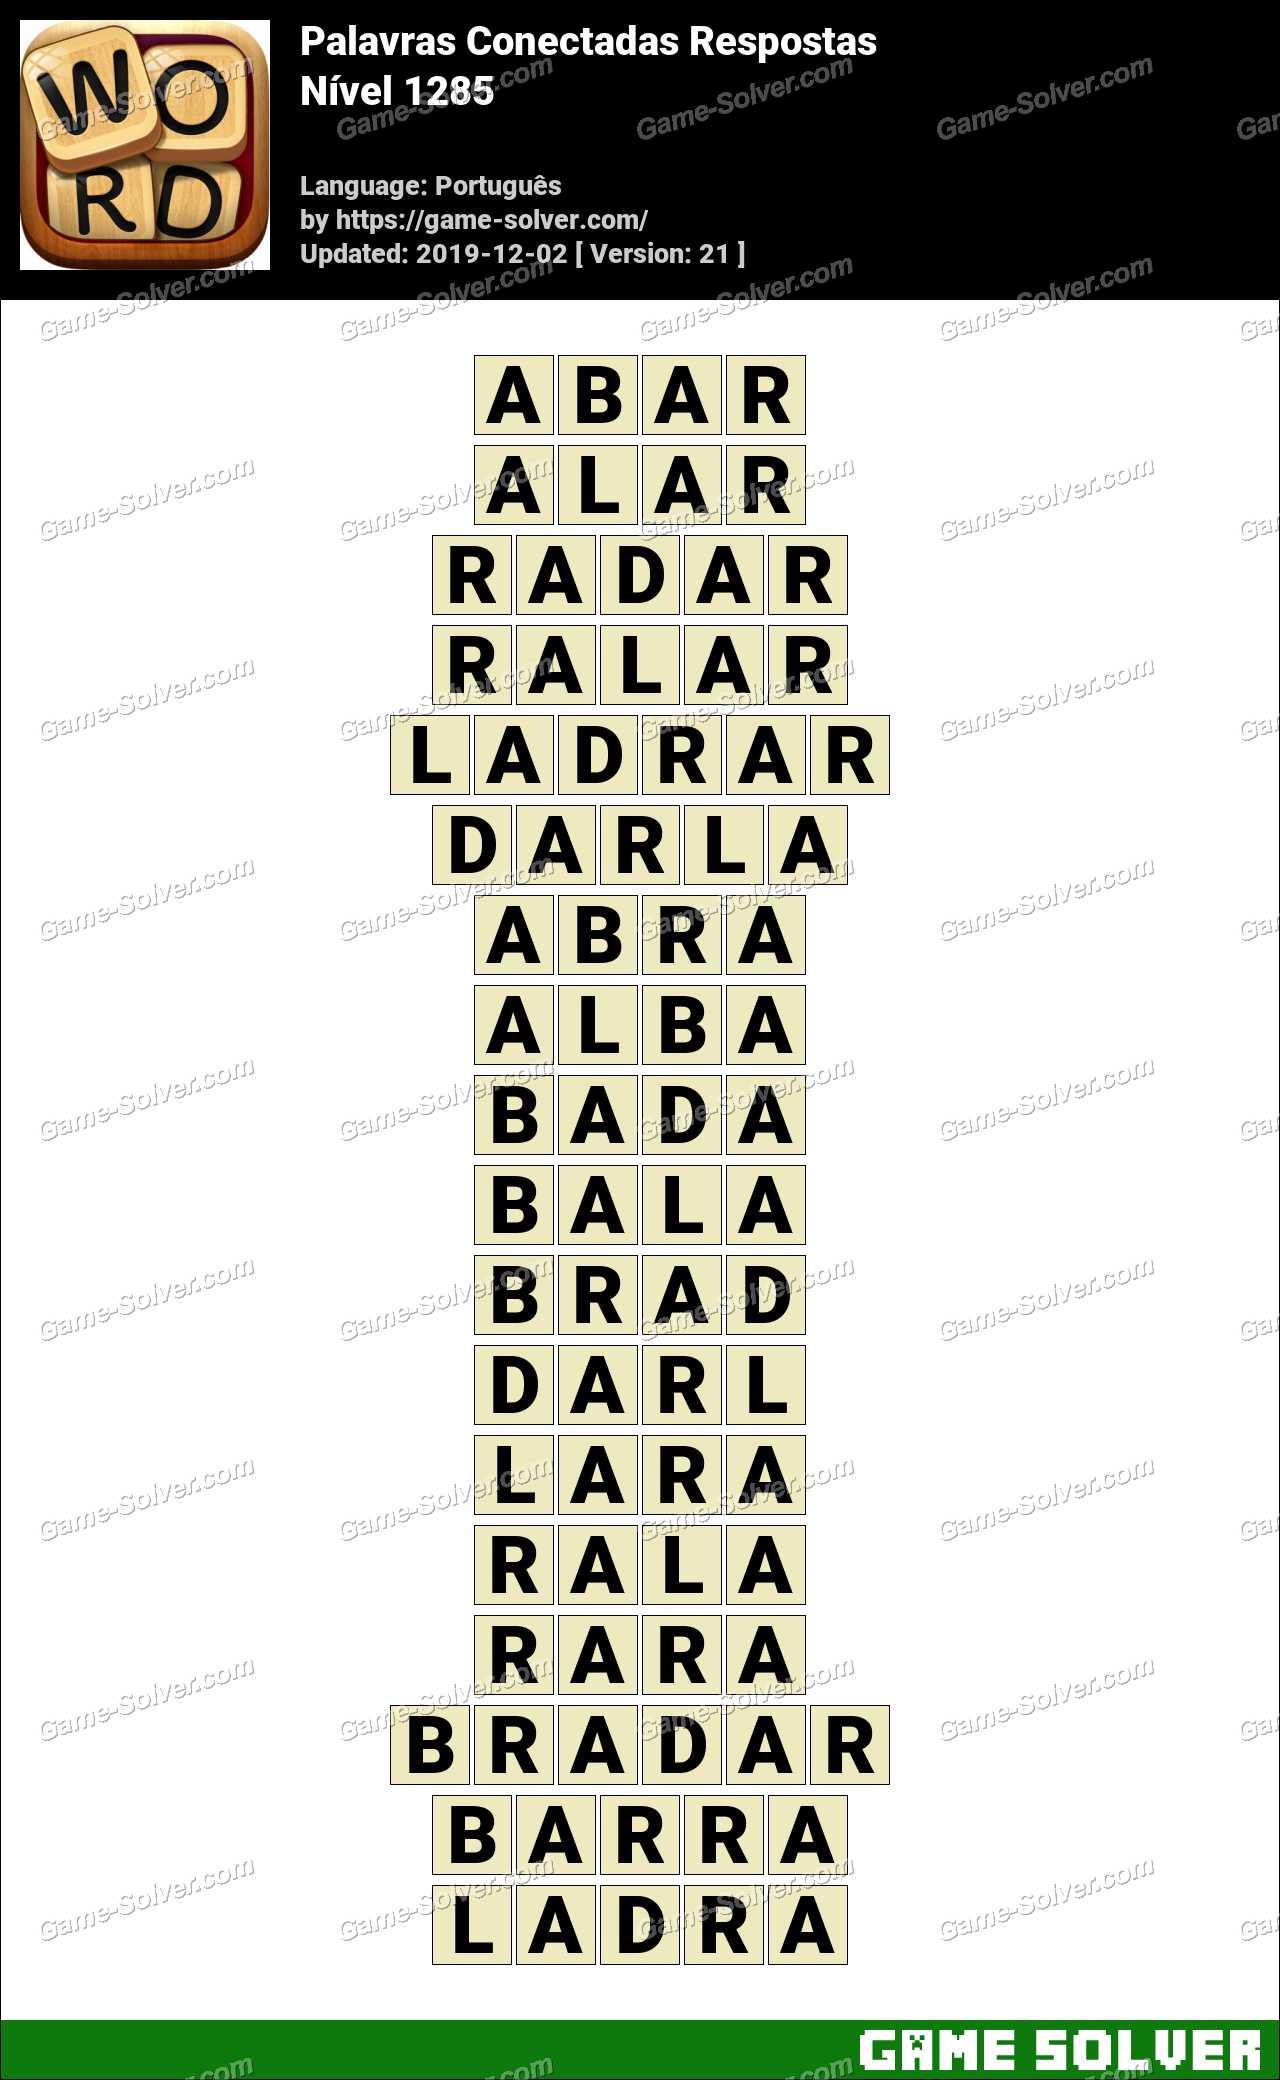 Palavras Conectadas Nivel 1285 Respostas